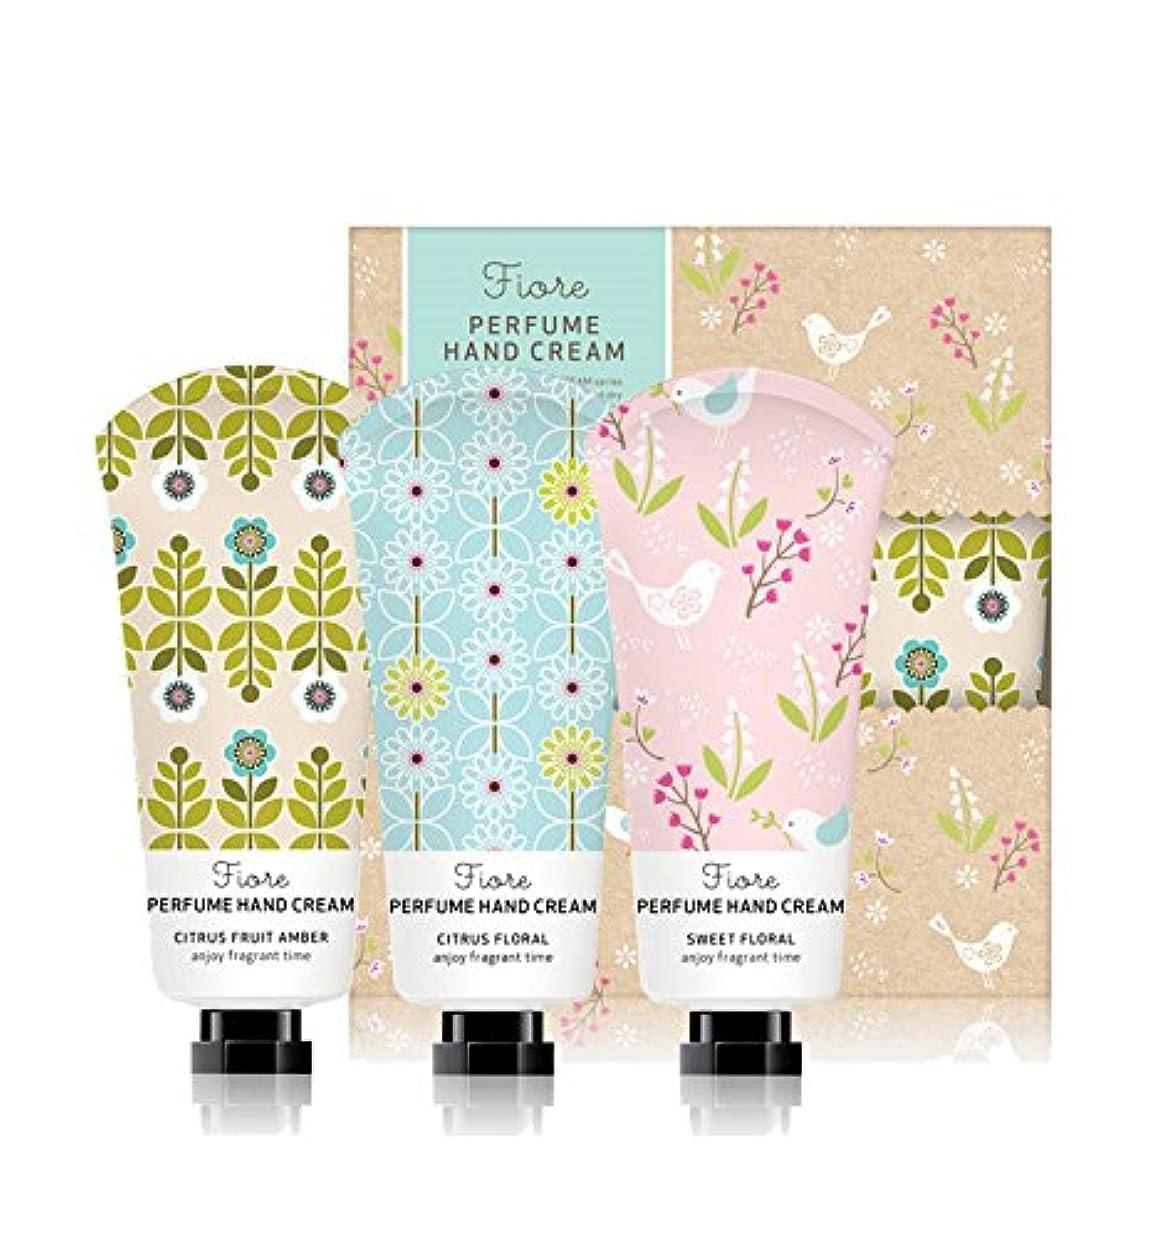 あまりにもイタリックグラム[Fiore★ギフト用紙袋贈呈] パフュームハンドクリーム?スペシャルセット 60g x 3個セット / Perfume Hand Cream Specail Set